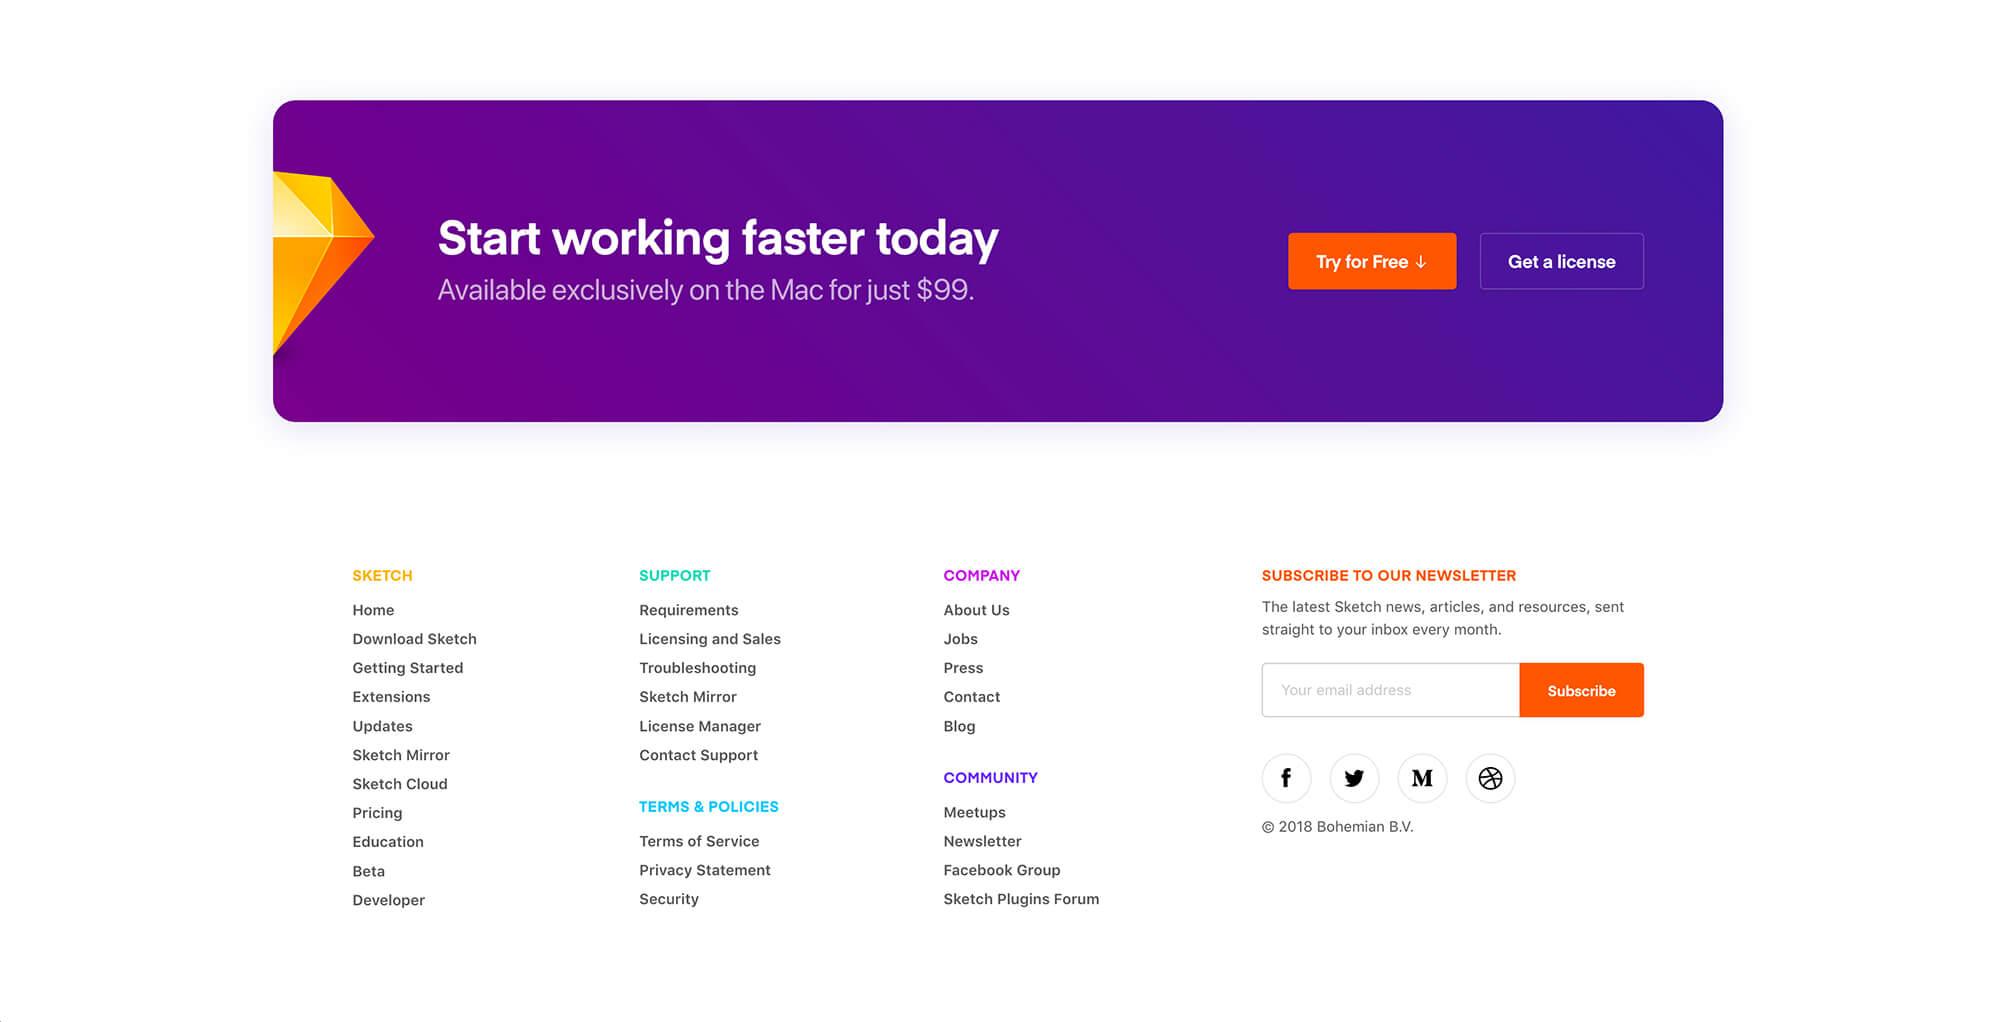 sketchapp.com Footer